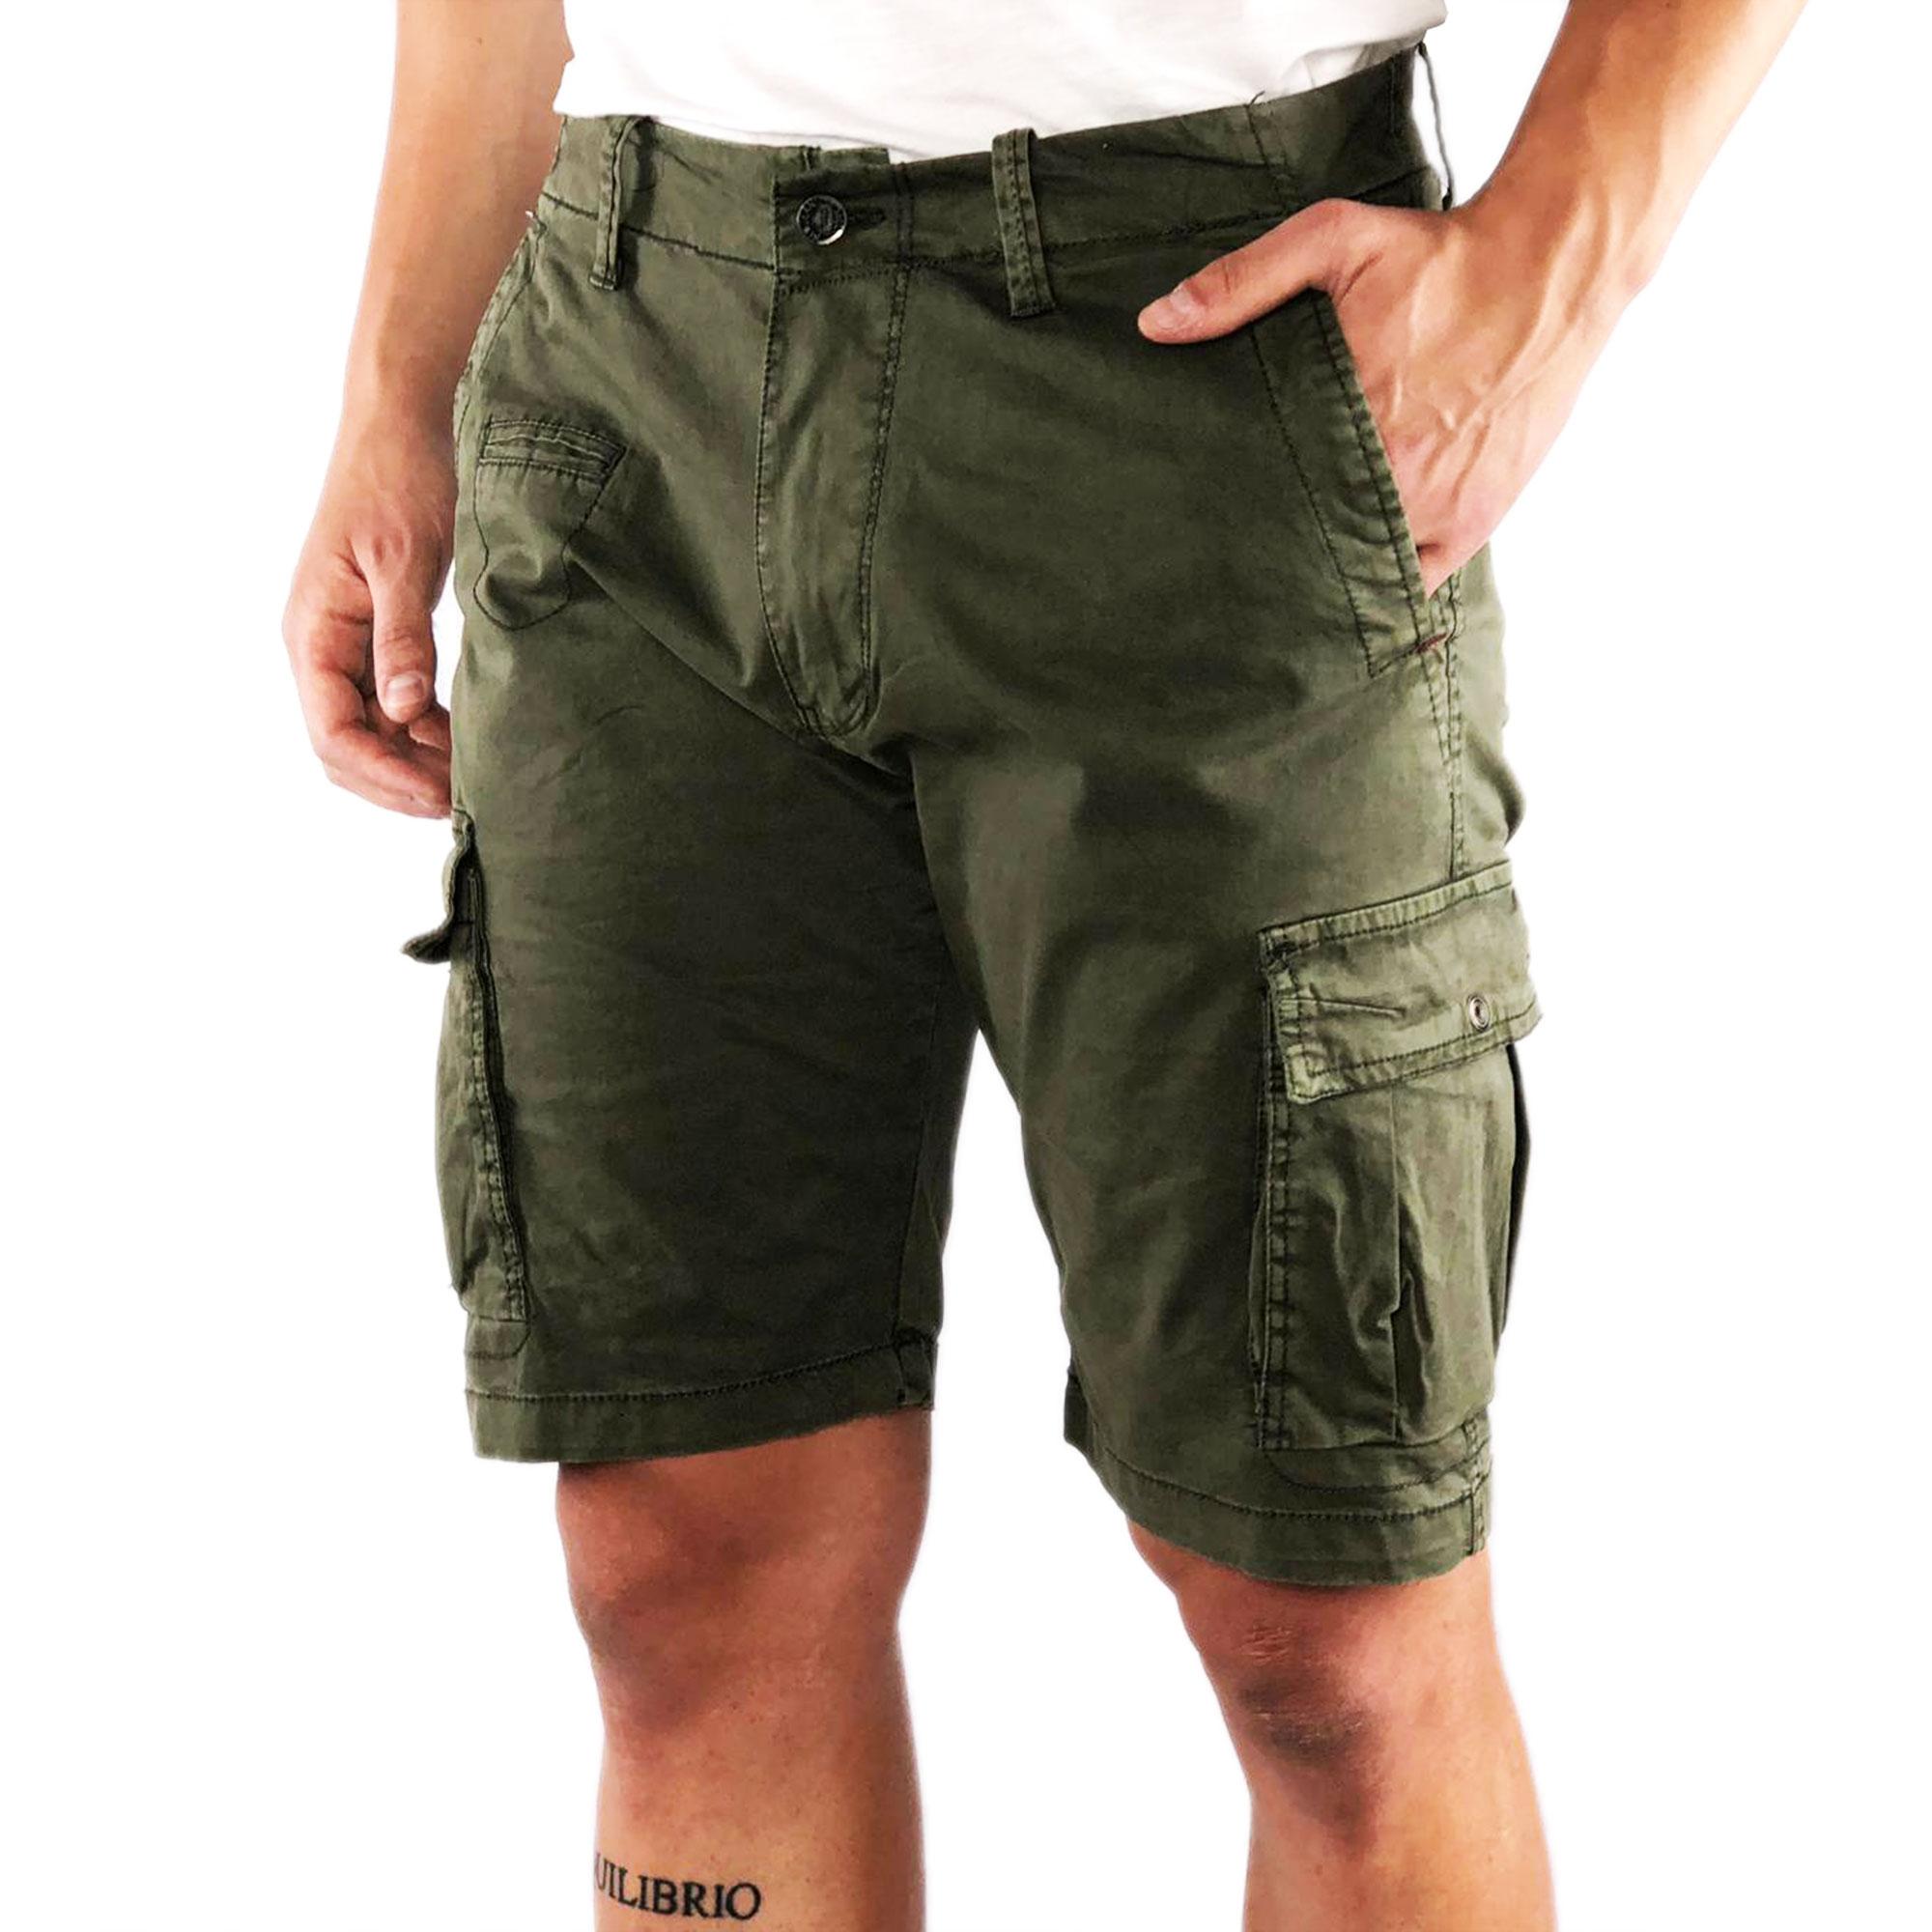 Bermuda-Uomo-Cargo-Cotone-Jeans-Tasconi-Laterali-Pantalone-Corto-Shorts-Casual miniatura 6